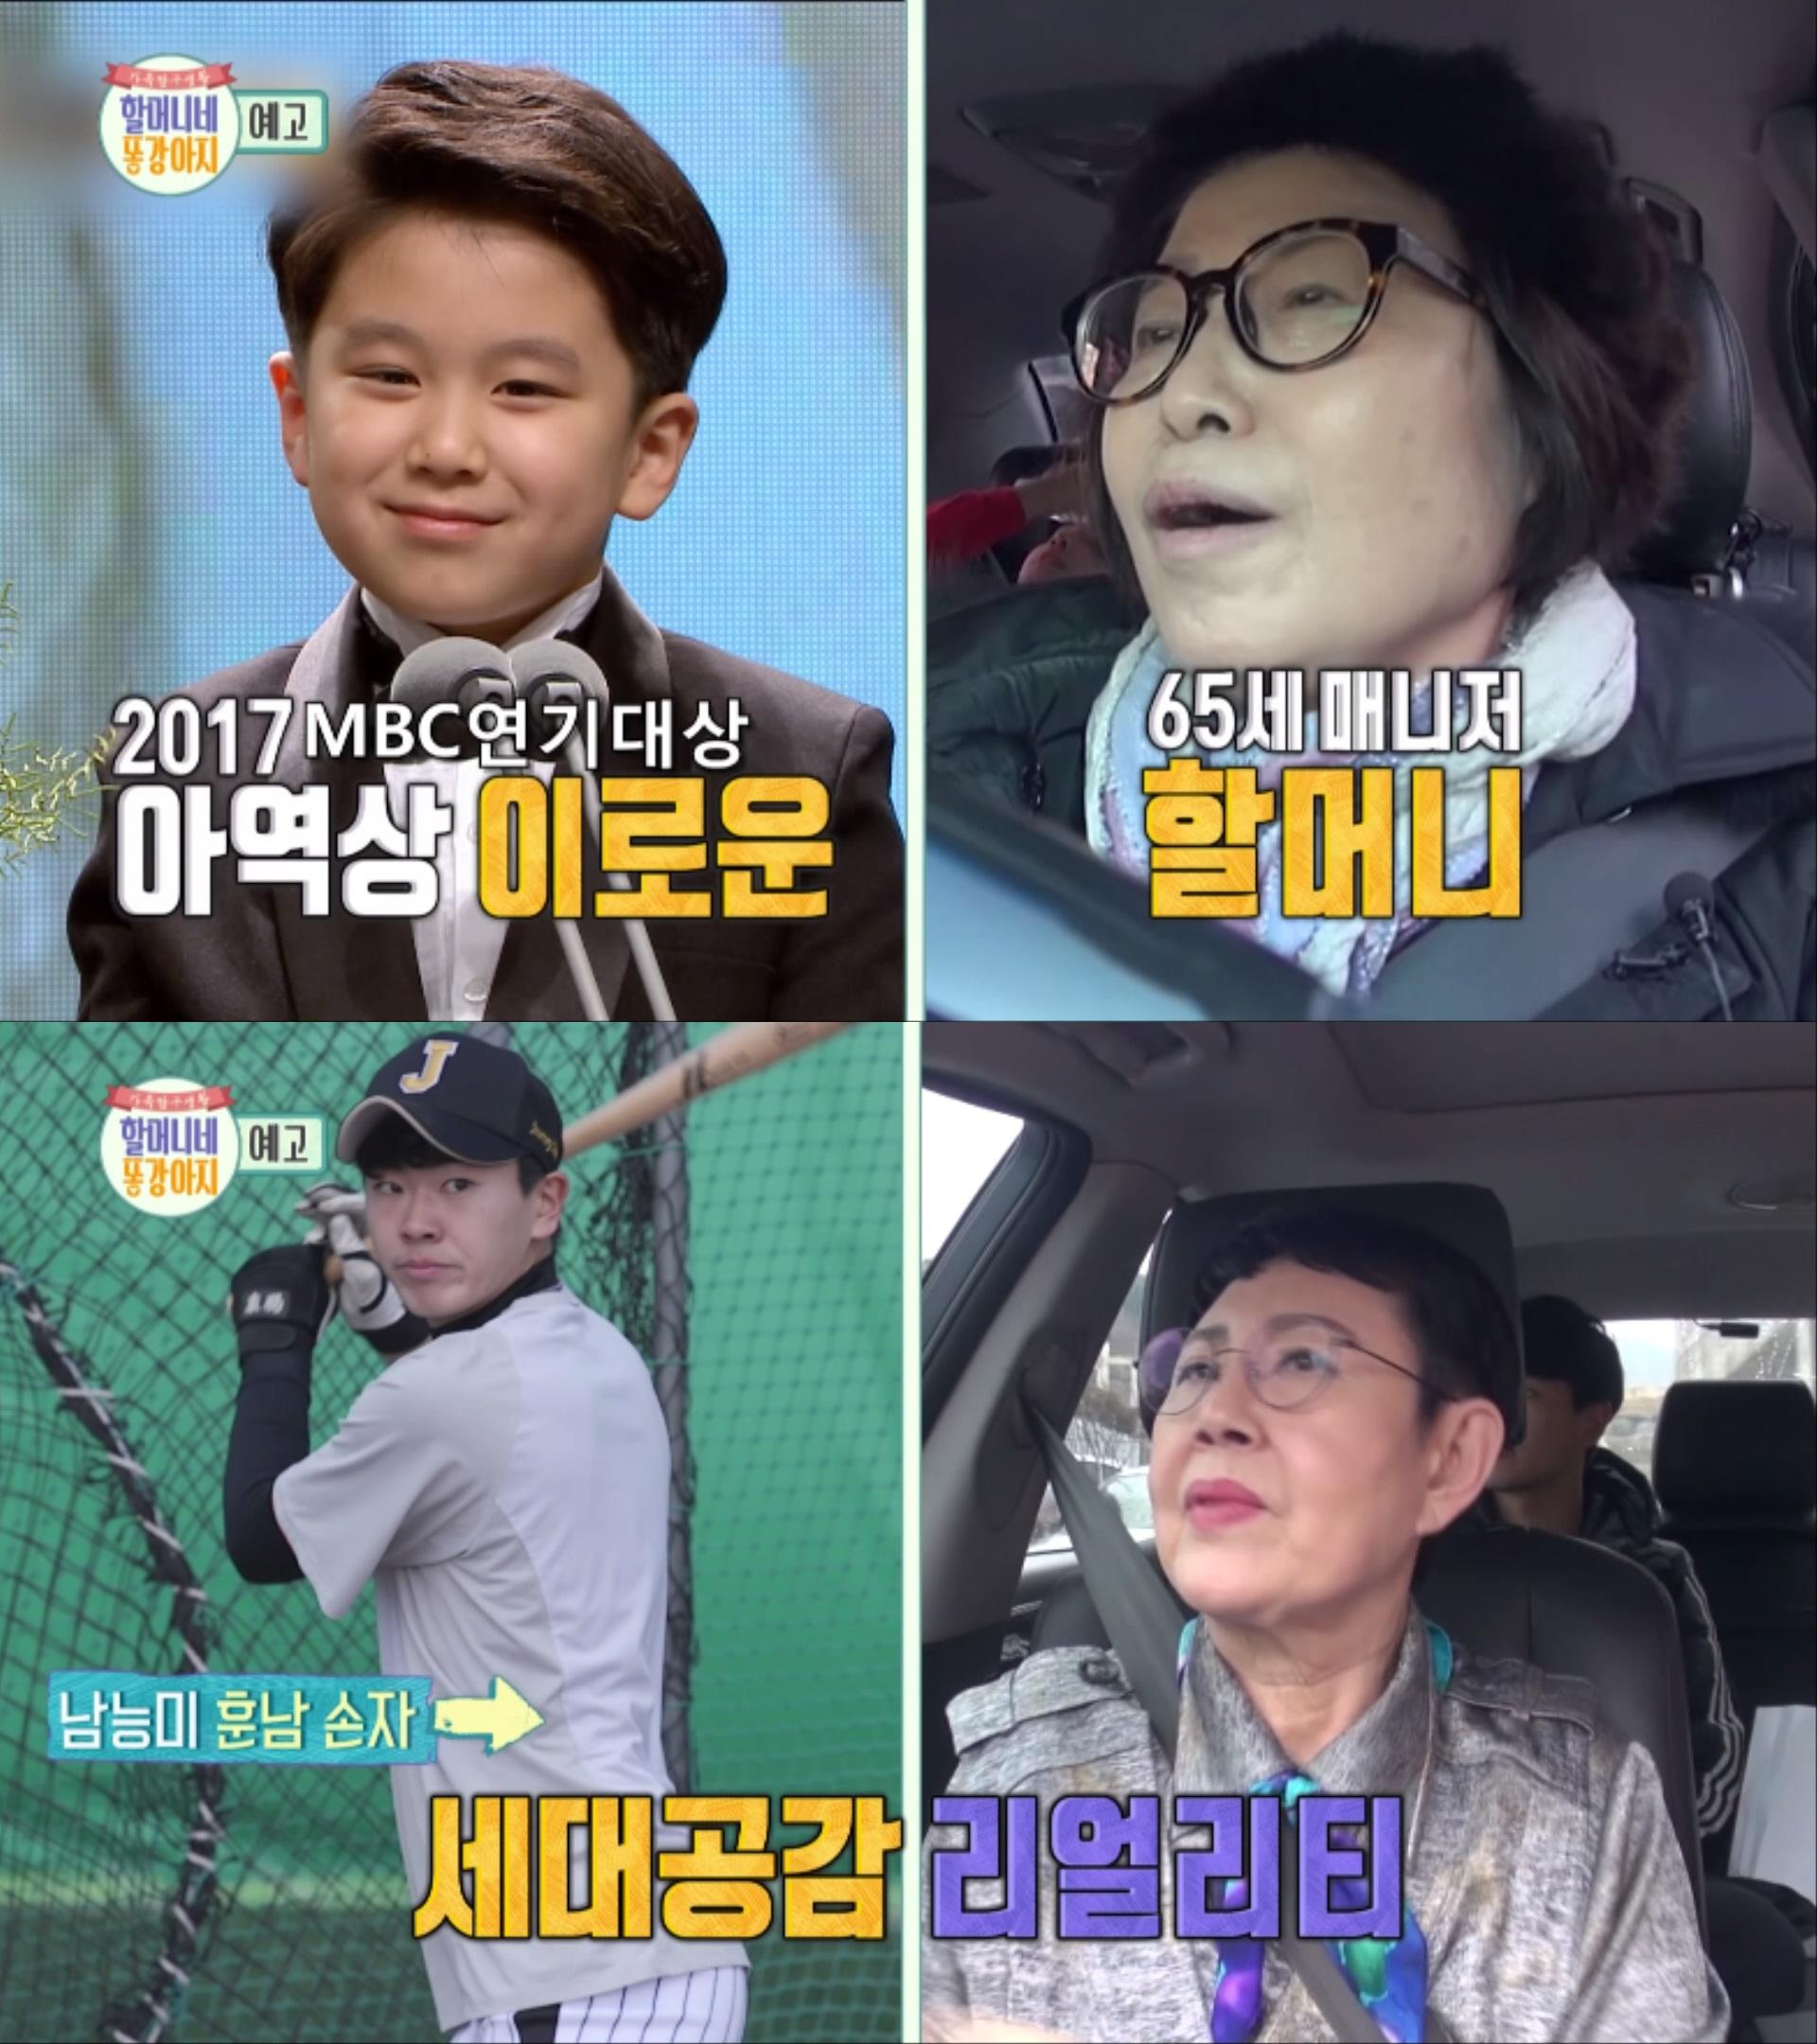 '할머니네 똥강아지' 평양공연 특별 편성으로 하루 먼저 본다...4일(수) 방송